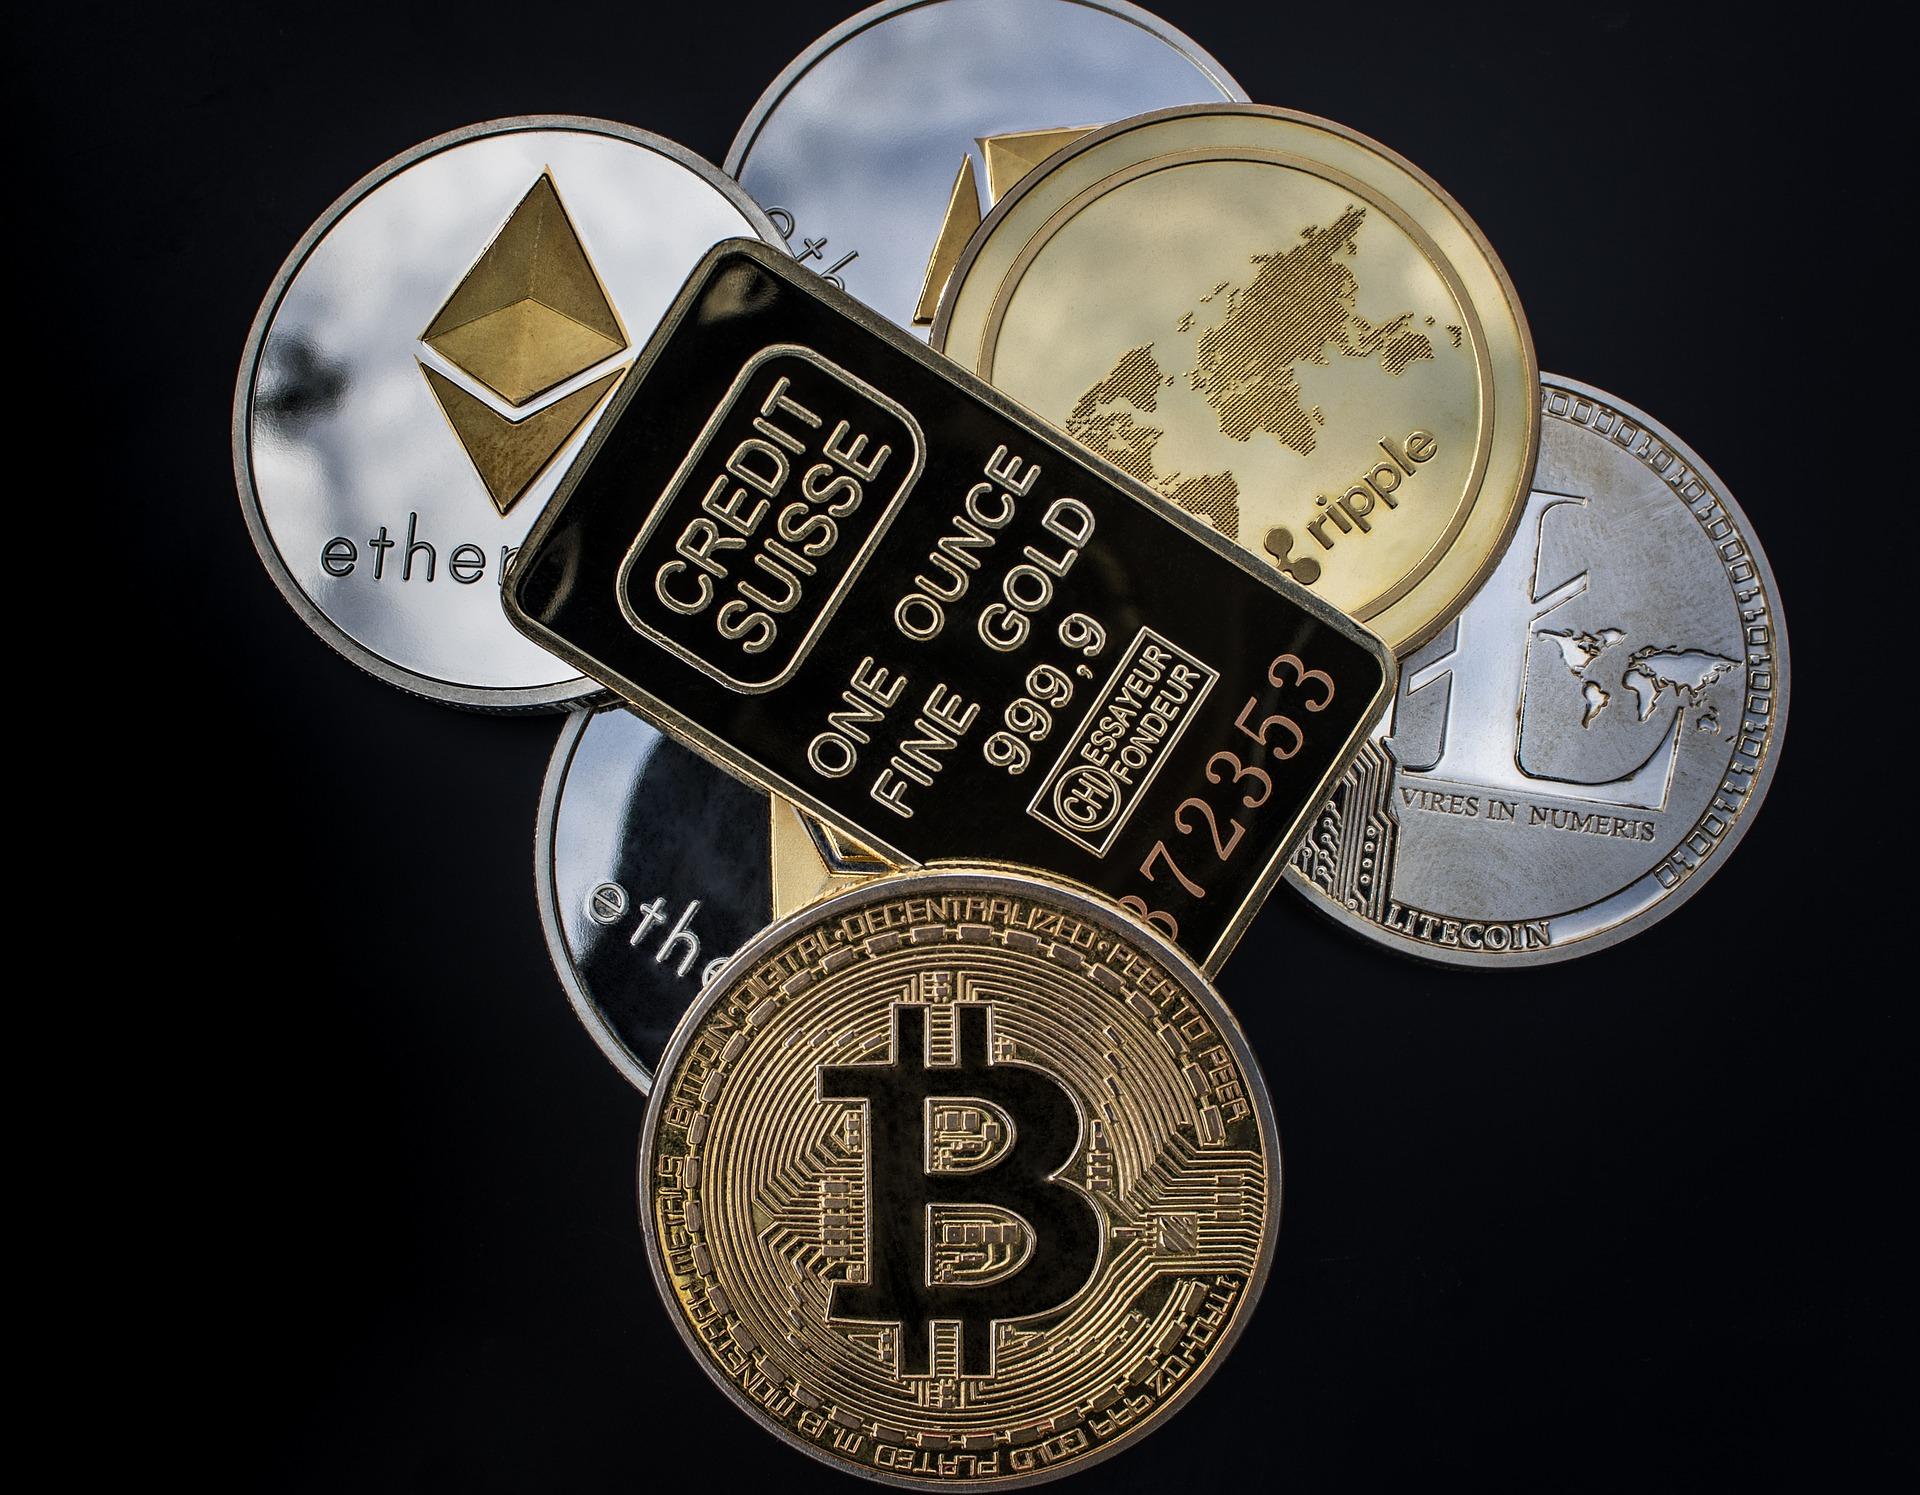 Kryptowährungen als Zahlungsmittel – Risiko und Chance zugleich